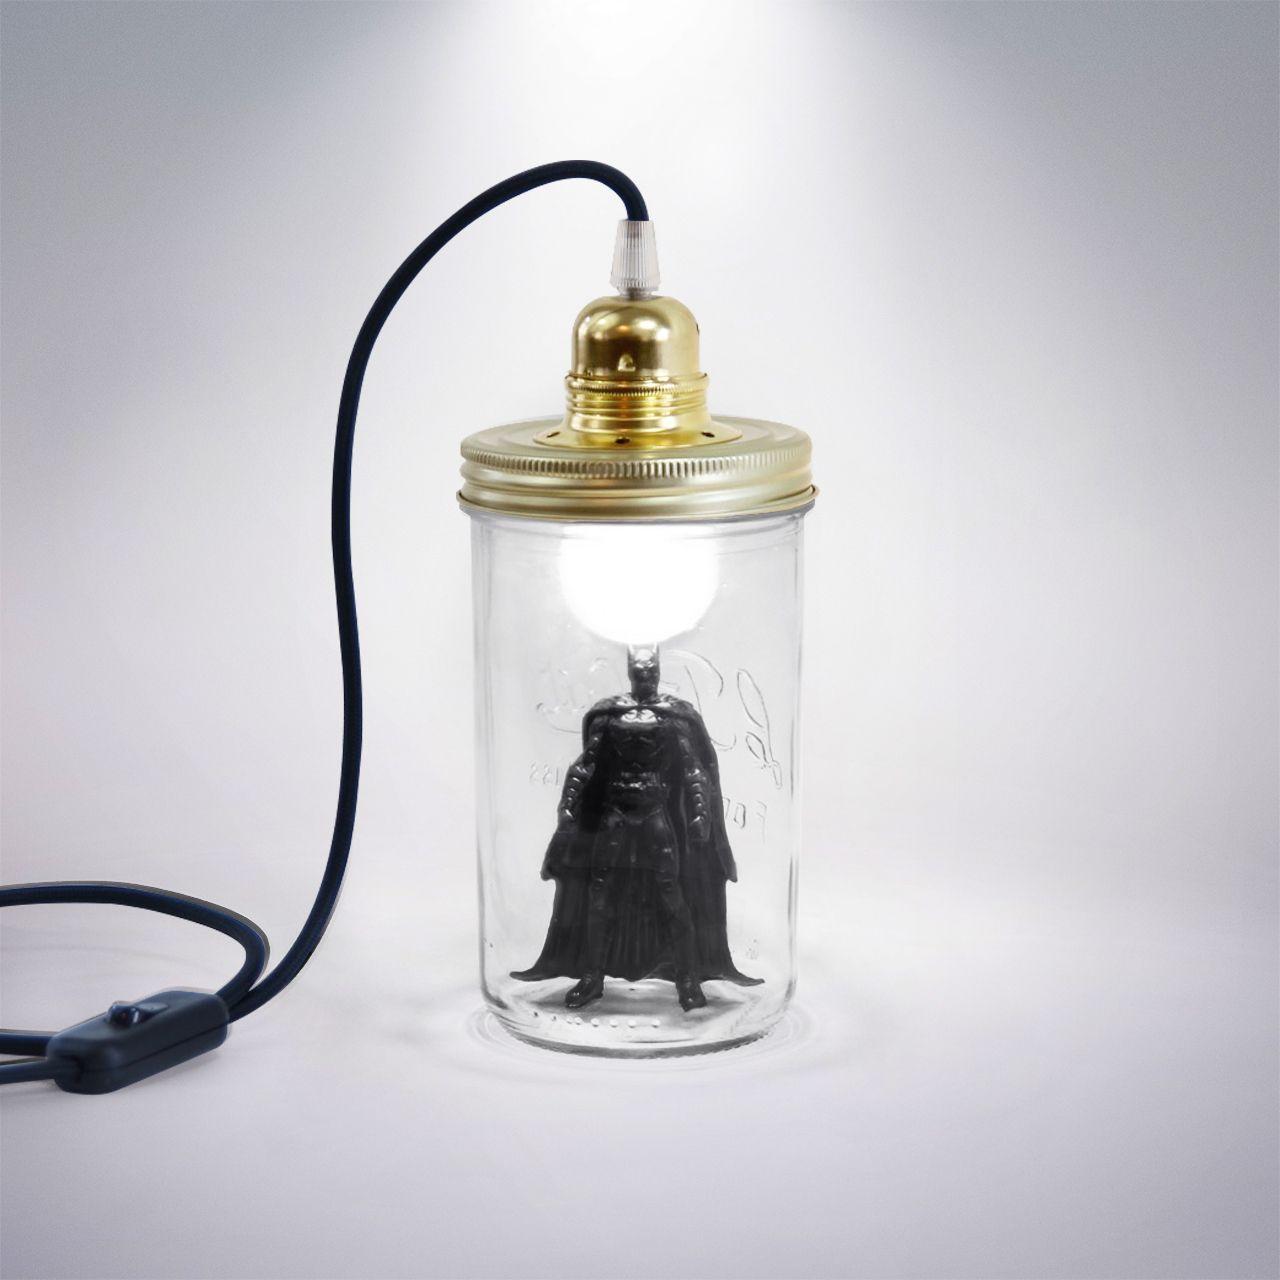 Baladeuse Batman Le Dans La Vus Par Superhéros Les Bocal Tête dorBQCeWx